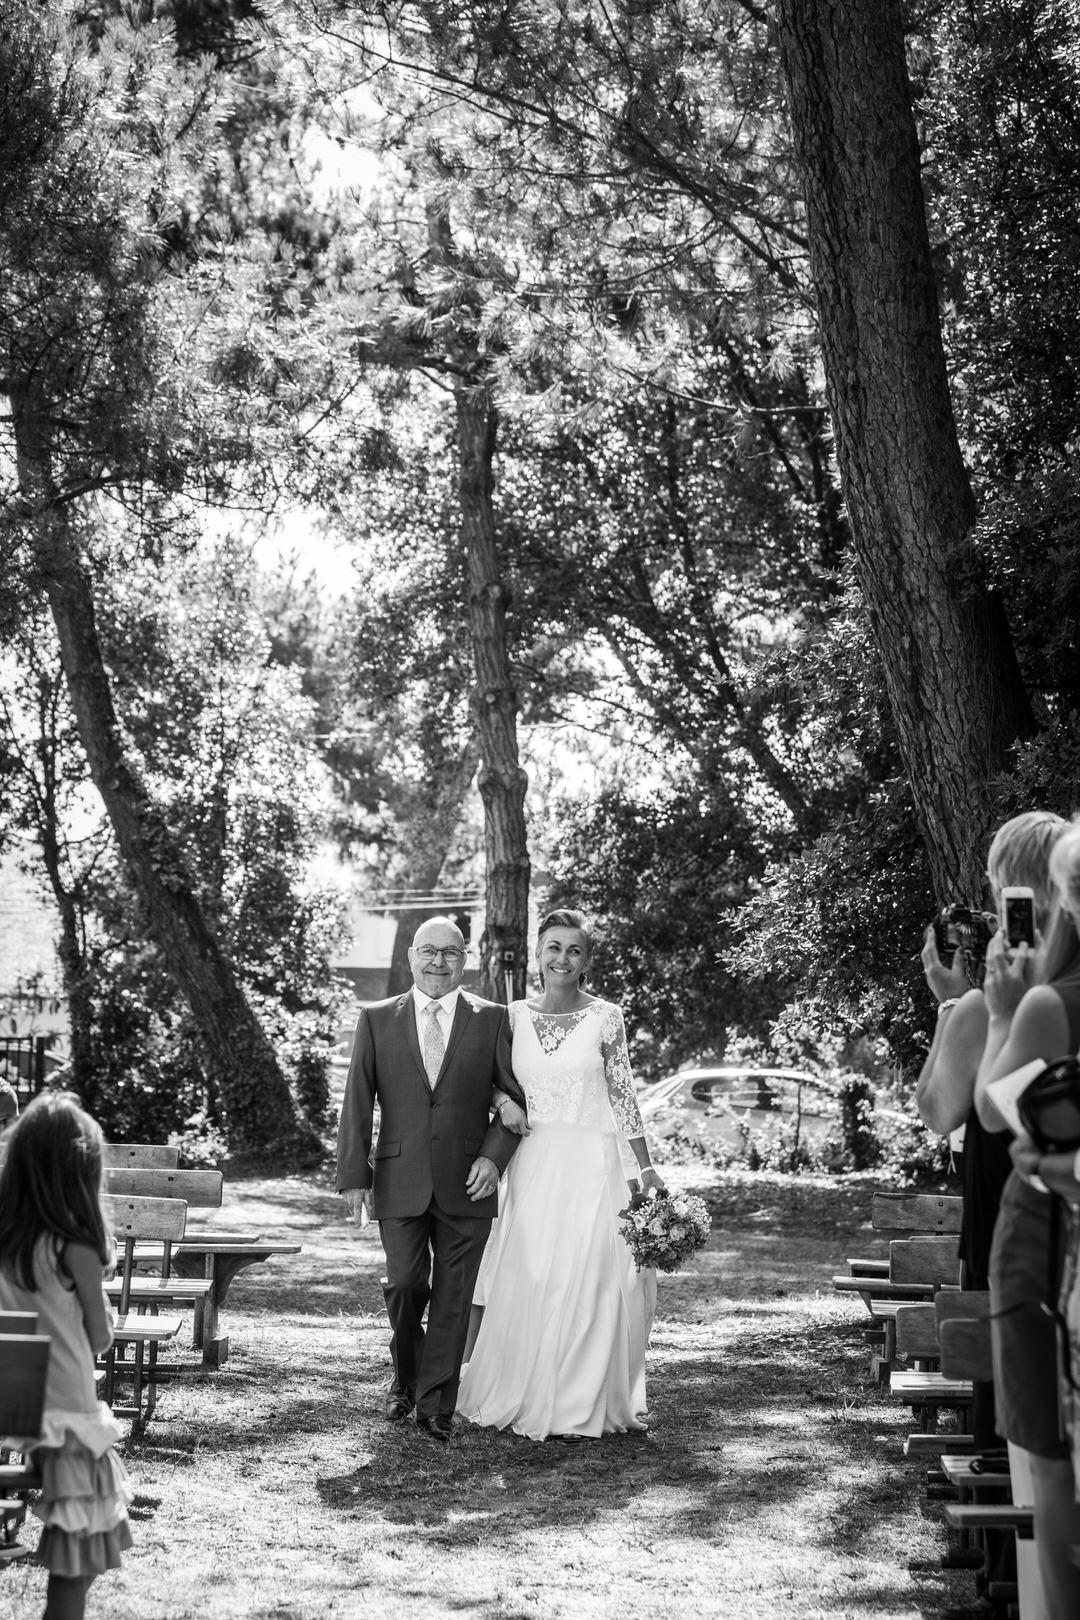 l'arrivée de la marié au bras de son père